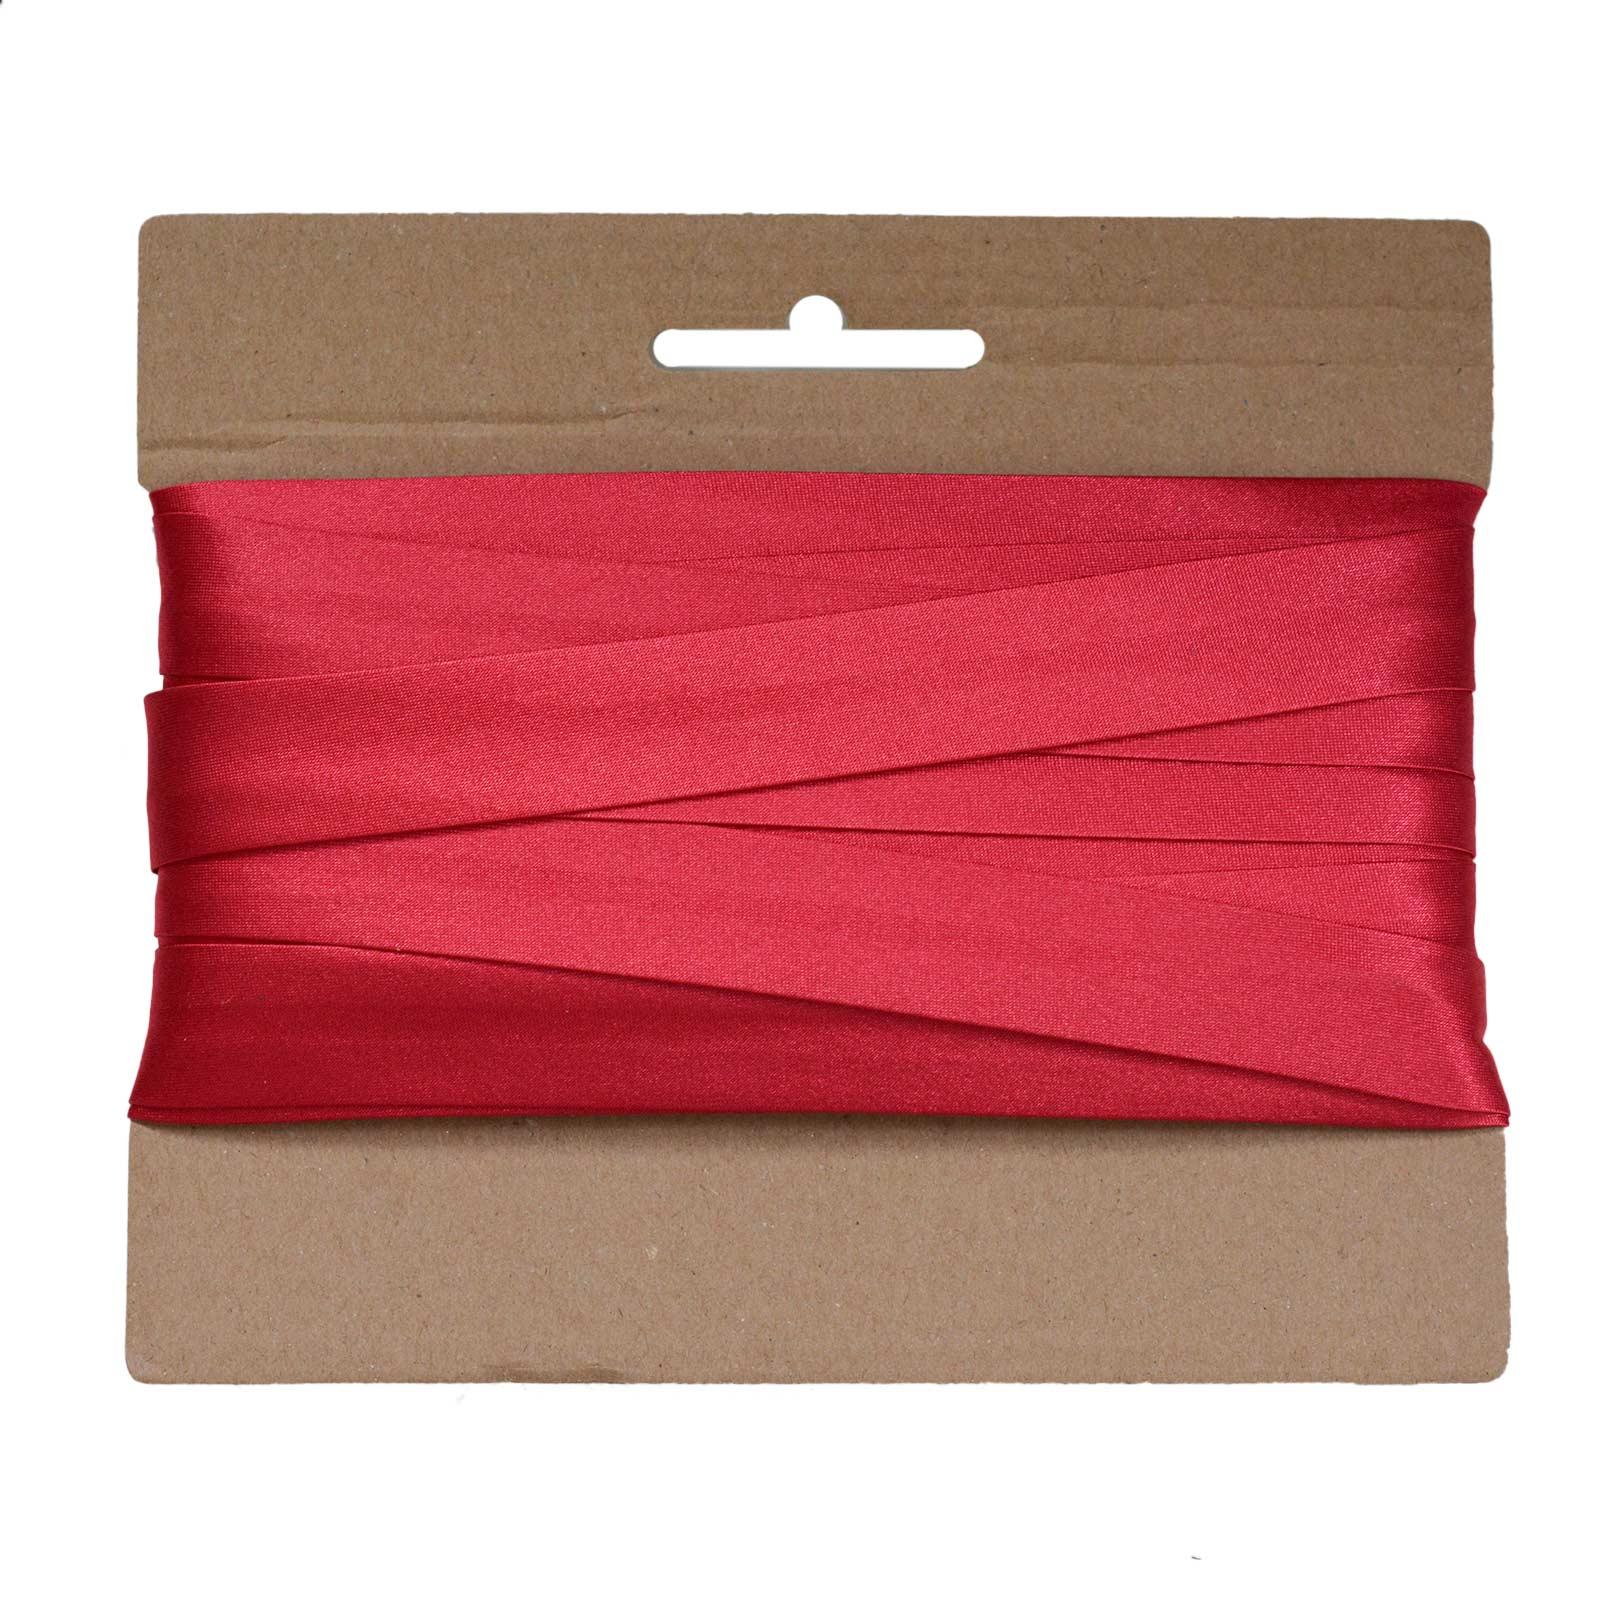 20m Schrägband Satin 20mm gefalzt Kantenband Einfassband 29 Farben wählbar – Bild 8